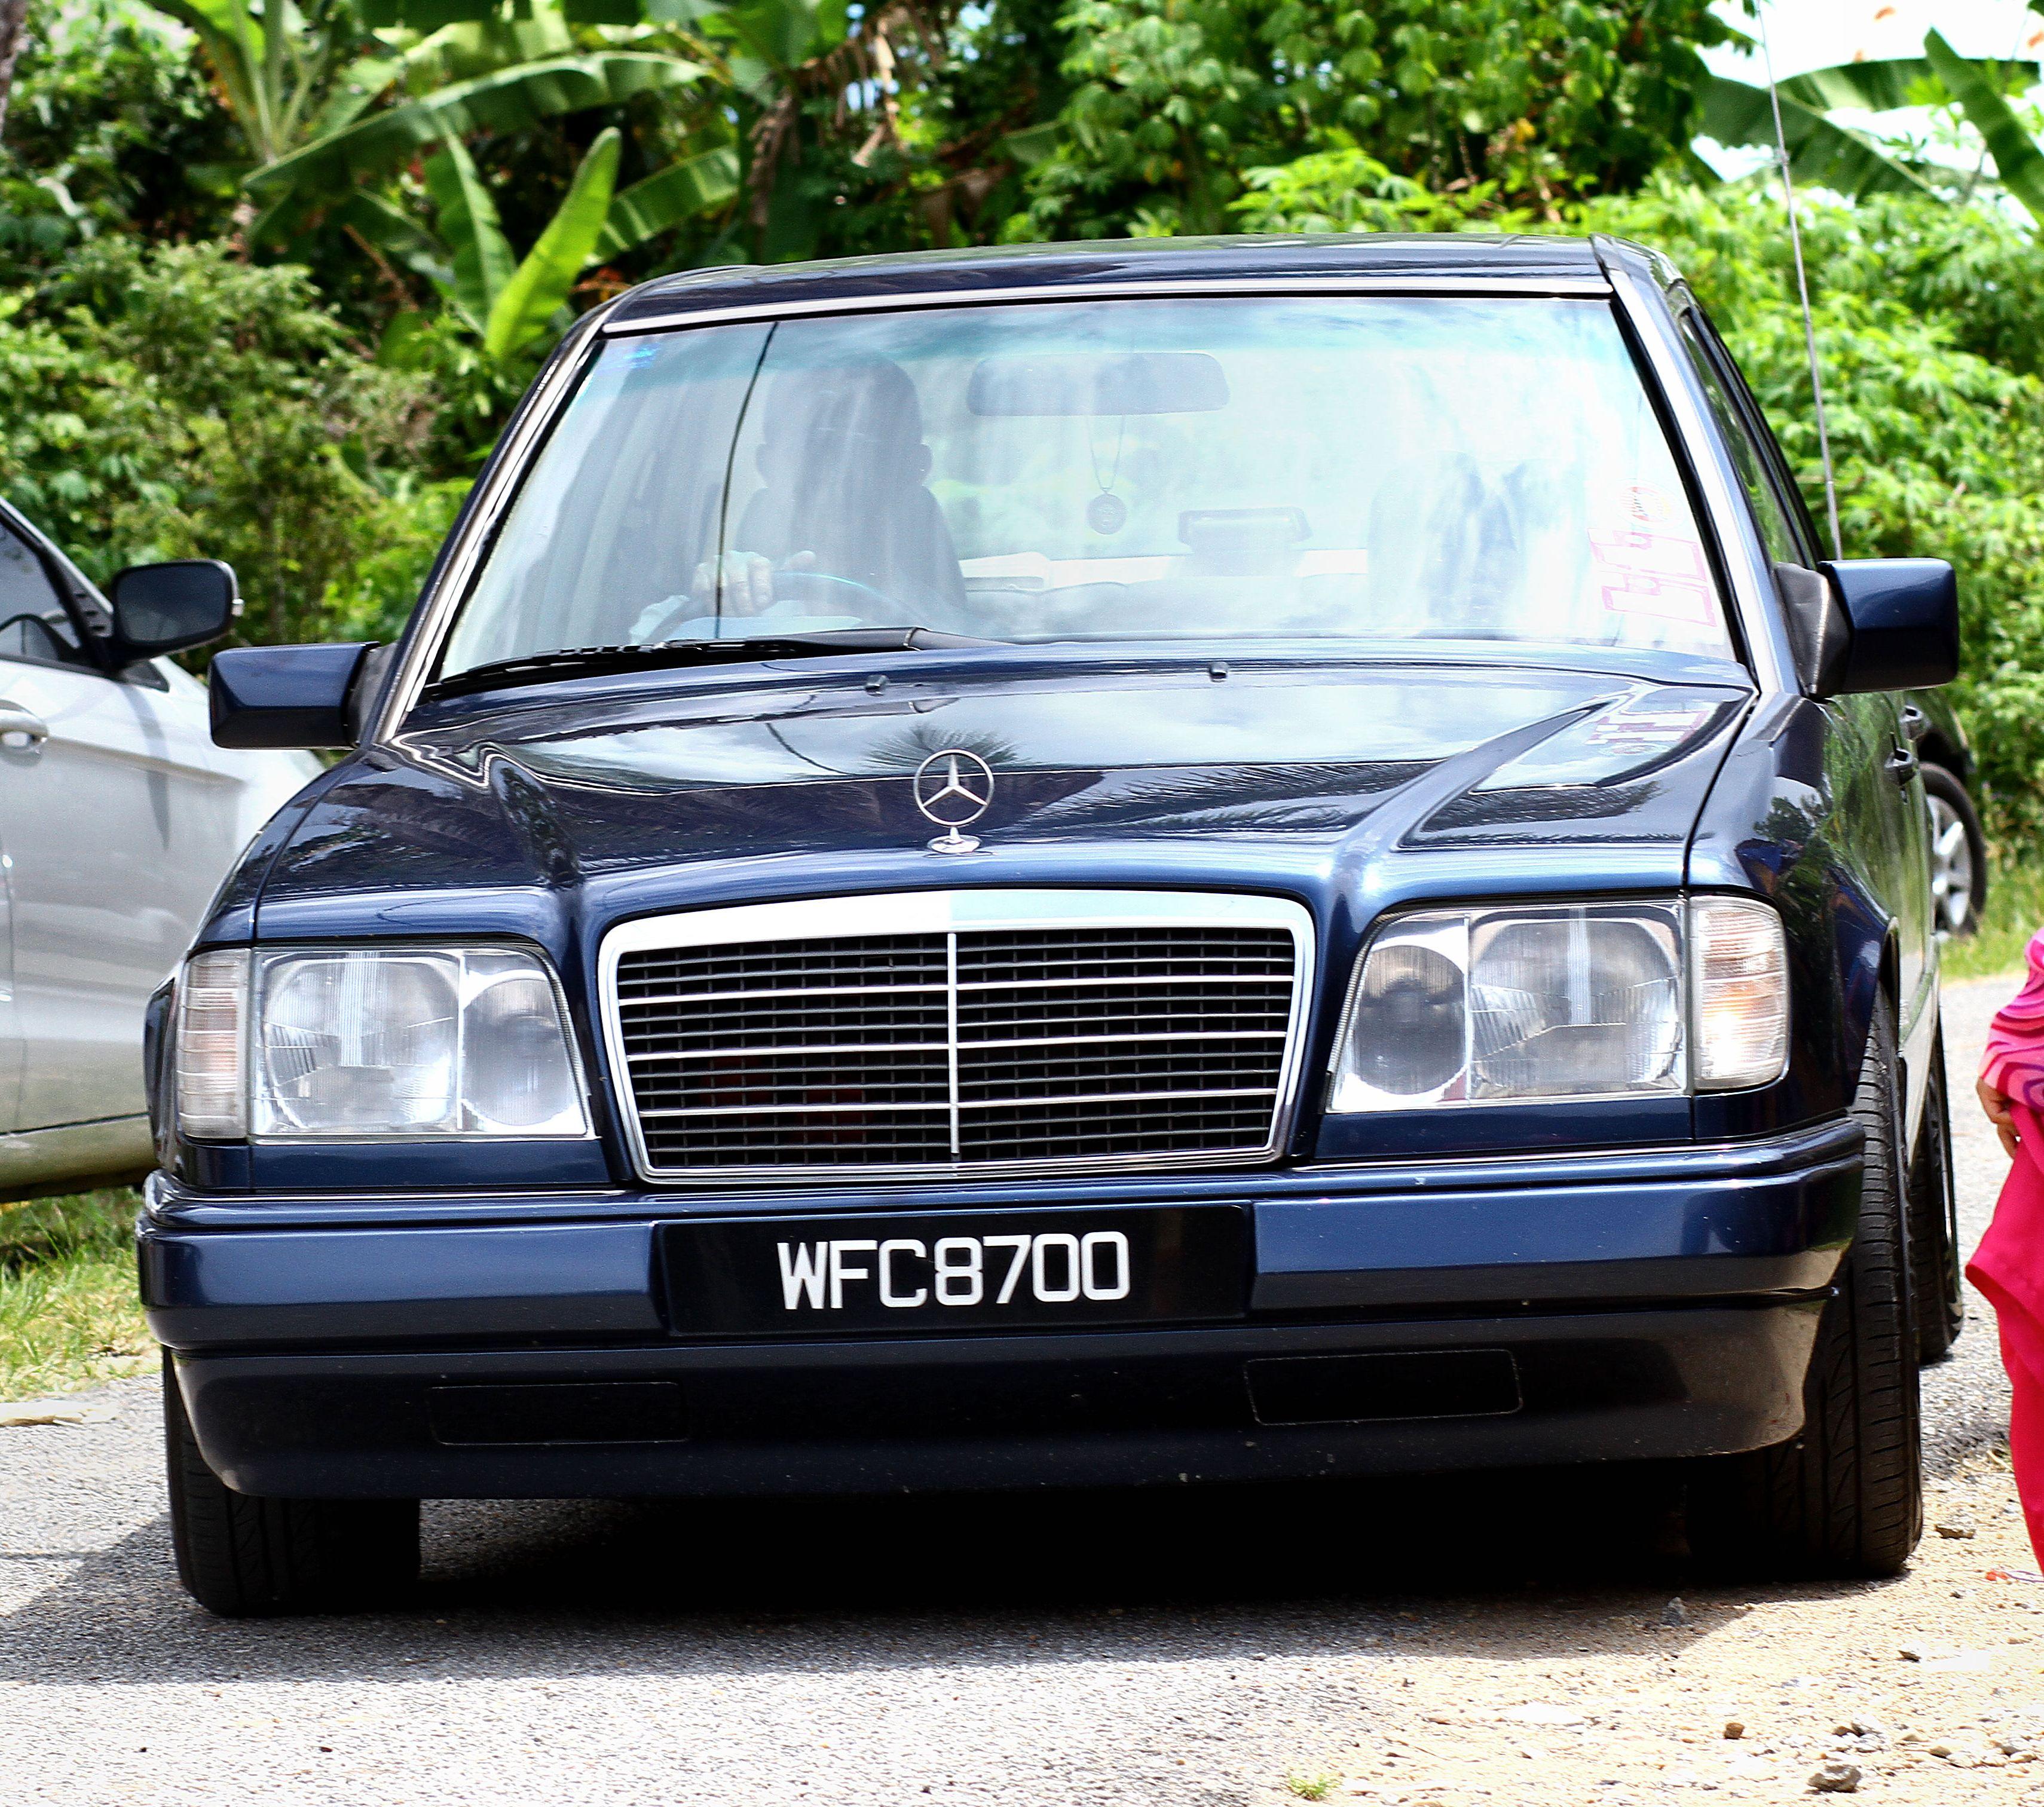 1996 mercedes benz e class blue 200 interior and for Mercedes benz e320 transmission problems